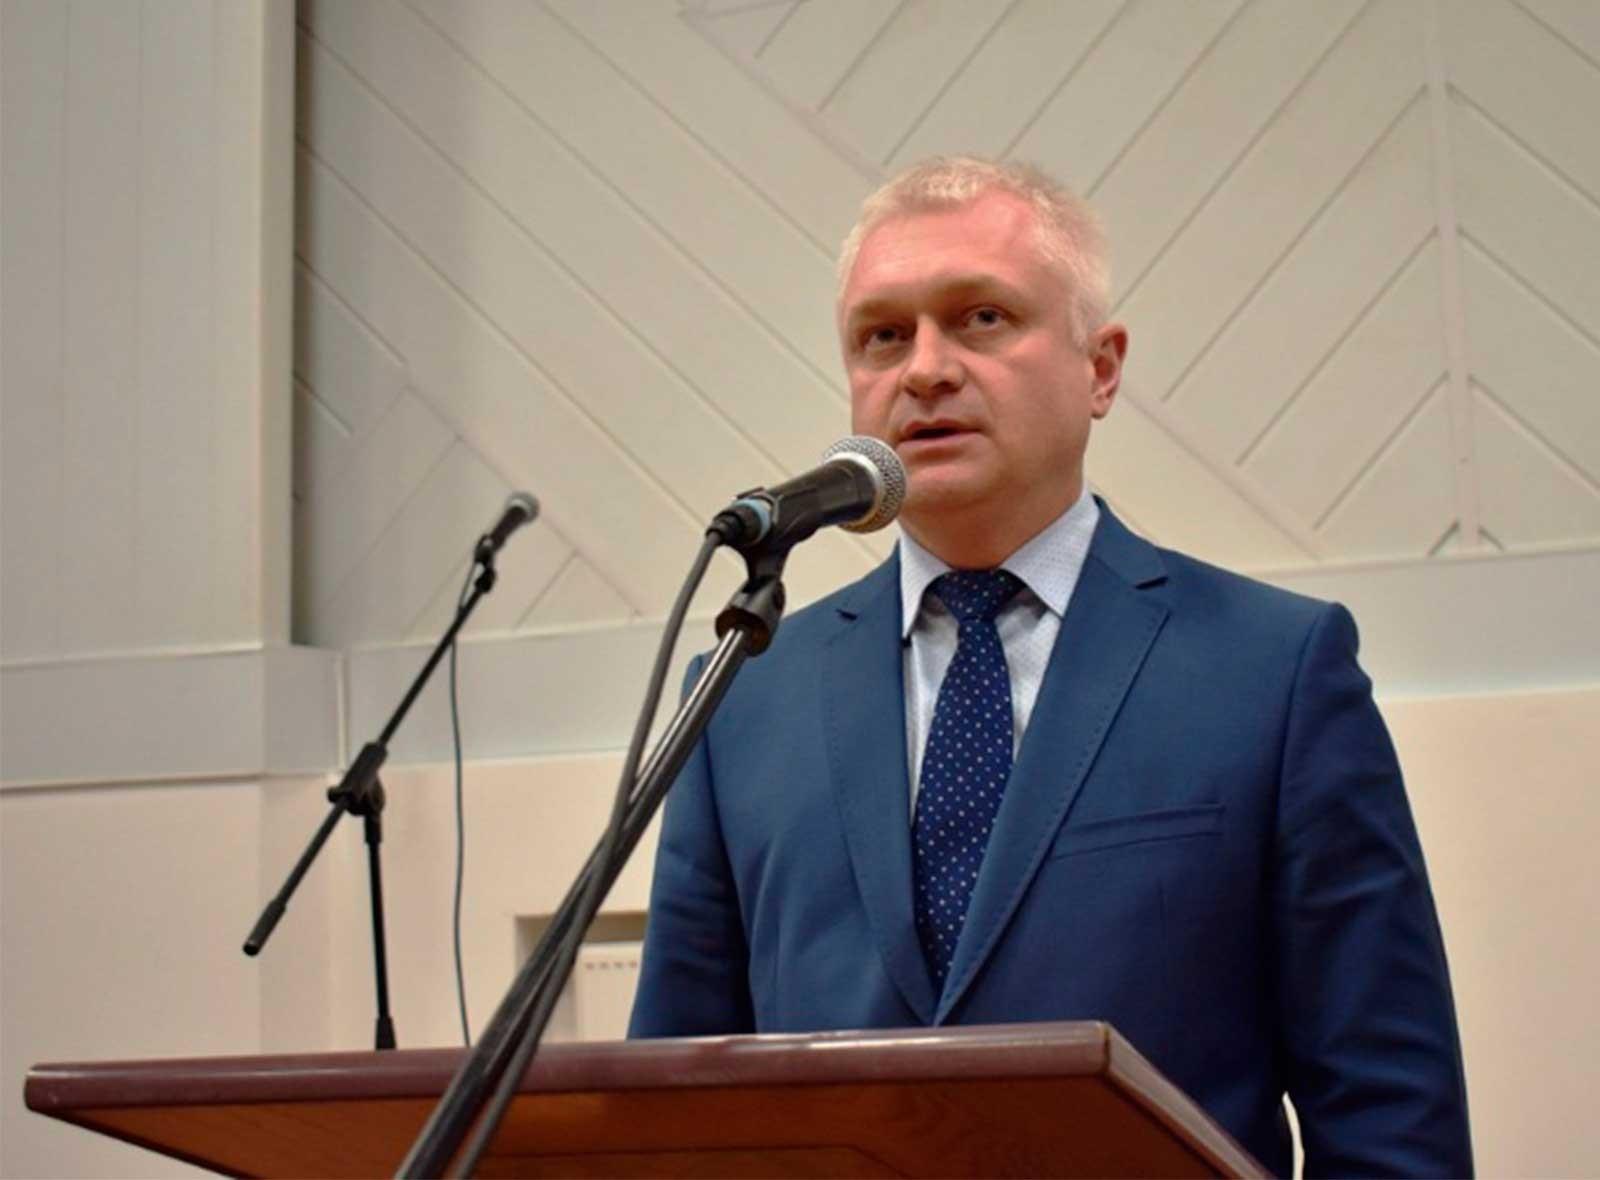 З вітальним словом до присутніх звернувся ректор ДДУВС Андрій Фоменко